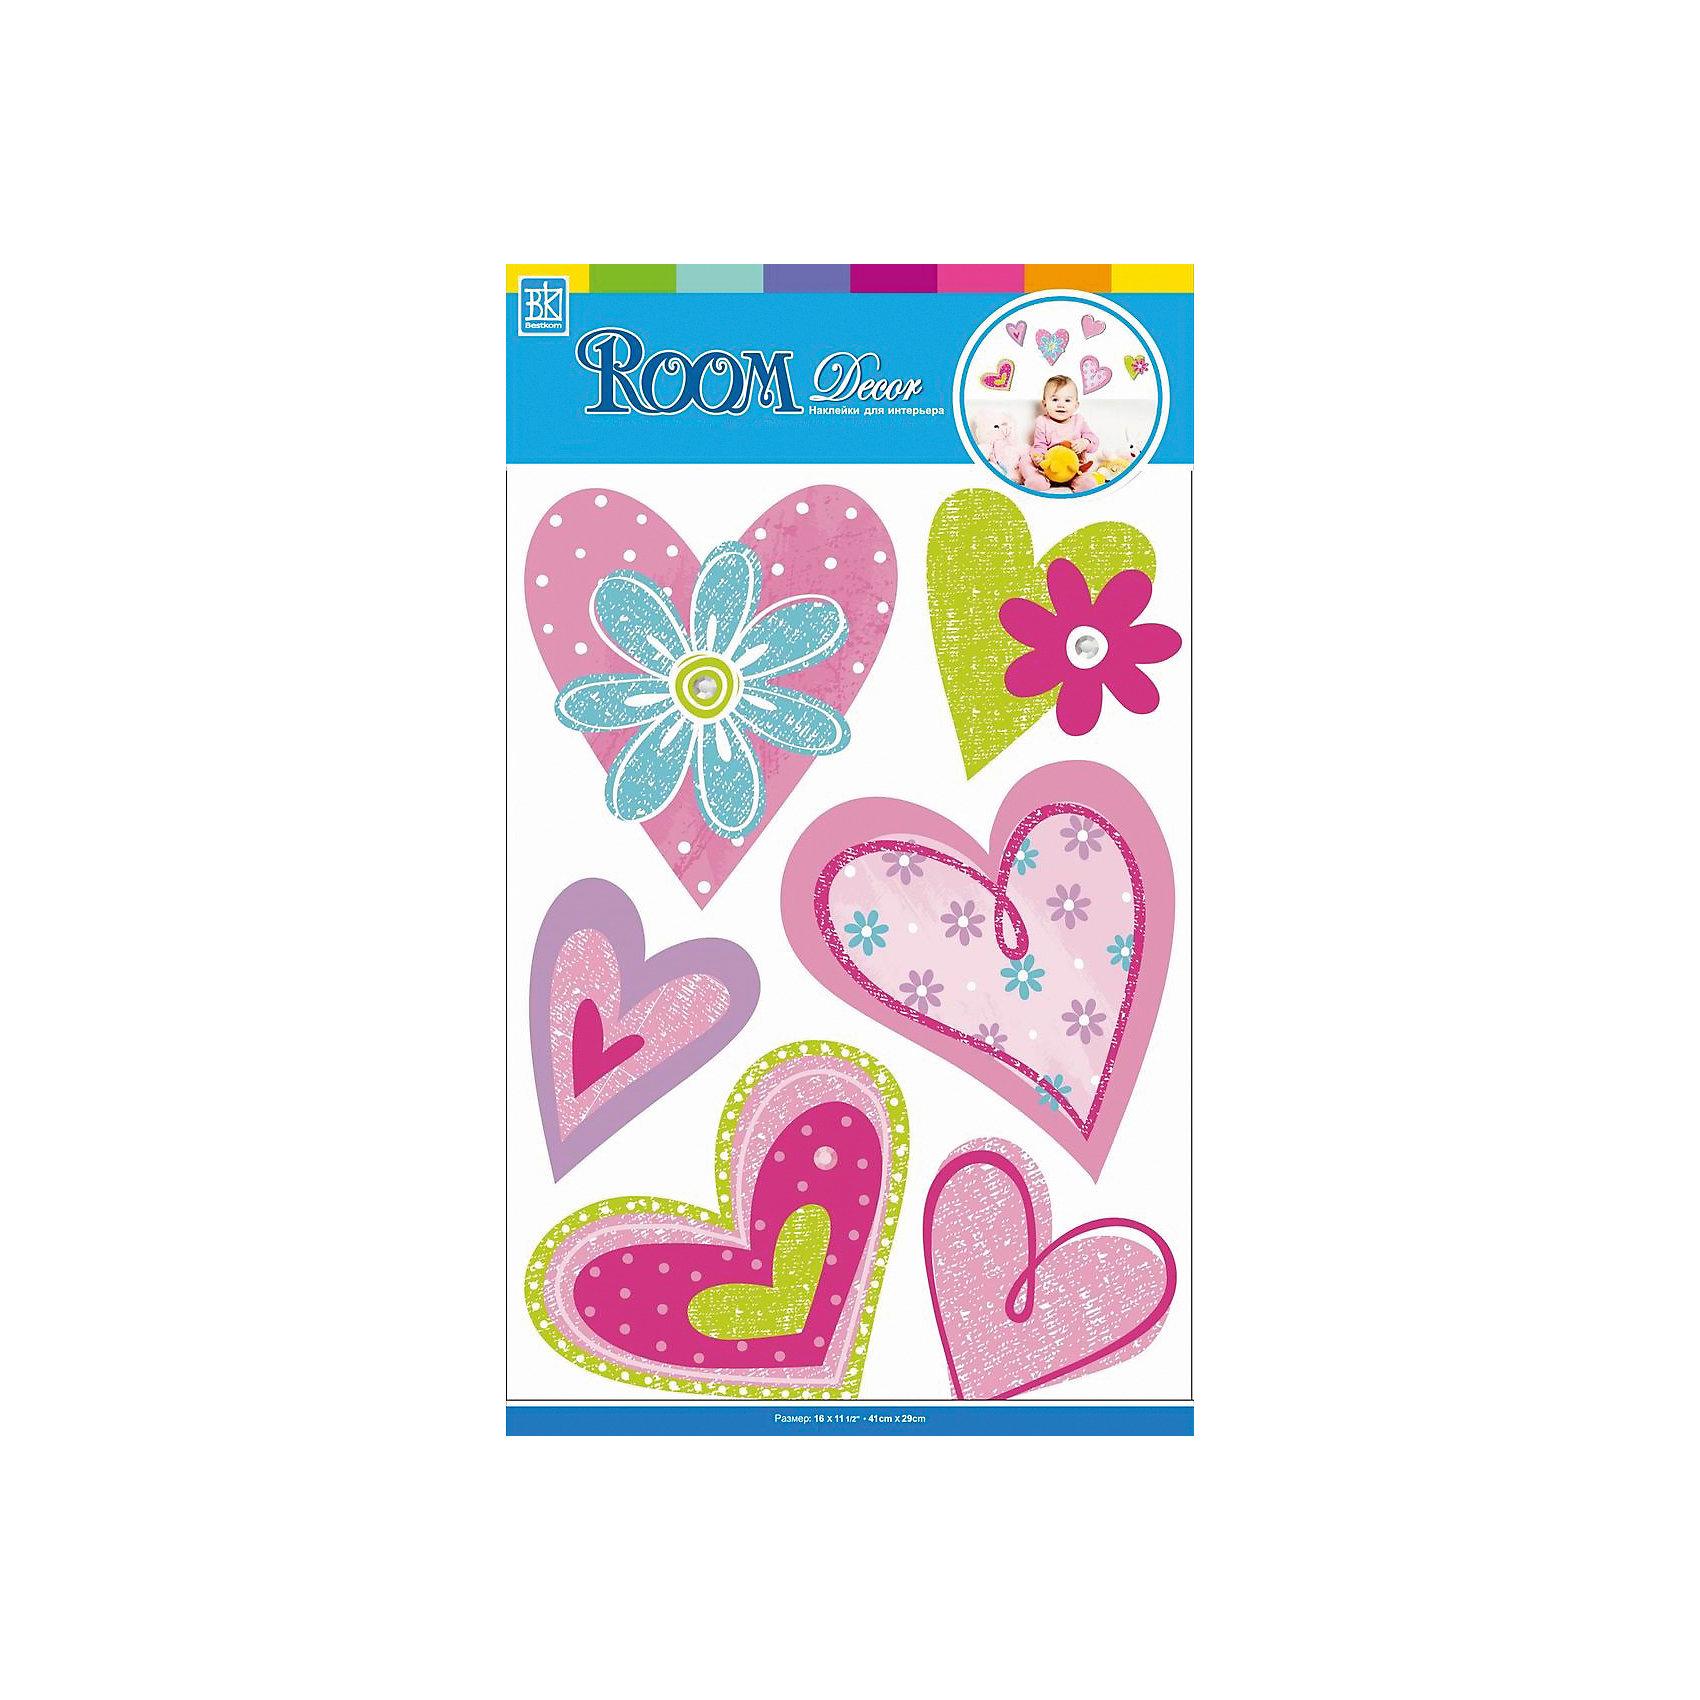 Наклейка Сердечки с цветами CBA3518, Room DecorПредметы интерьера<br>Характеристики:<br><br>• Предназначение: декор комнаты<br>• Серия: Романтика<br>• Тематика наклеек: сердечки, цветы<br>• Материал: картон, ПВХ<br>• Комплектация: 6 элементов<br>• Декоративные элементы: блестки<br>• Форма: 3d<br>• Многослойные<br>• Клейкая поверхность крепится на окрашенные стены, обои, двери, деревянные панели, стекло<br>• Не повреждают поверхность<br>• Устойчивы к выцветанию и истиранию<br>• Размеры (Д*Ш*В): 29*7*41 см<br>• Вес: 40 г<br>• Упаковка: блистер<br><br>Все наклейки выполнены из безопасного и нетоксичного материала – ПВХ. Прочная клеевая основа обеспечивает надежное прикрепление практически к любому виду горизонтальной или вертикальной поверхности, при этом не деформируя и не повреждая ее. Наклейки обладают влагоустойчивыми свойствами, поэтому они хорошо переносят влажную уборку. <br><br>Наклейка Сердечки с цветами CBA3518, Room Decor состоит сердечек разного размера и оттенков, декорированных блестками и цветами. <br><br>Наклейку Сердечки с цветами CBA3518, Room Decor можно купить в нашем интернет-магазине.<br><br>Ширина мм: 290<br>Глубина мм: 70<br>Высота мм: 410<br>Вес г: 40<br>Возраст от месяцев: 36<br>Возраст до месяцев: 168<br>Пол: Женский<br>Возраст: Детский<br>SKU: 5512976